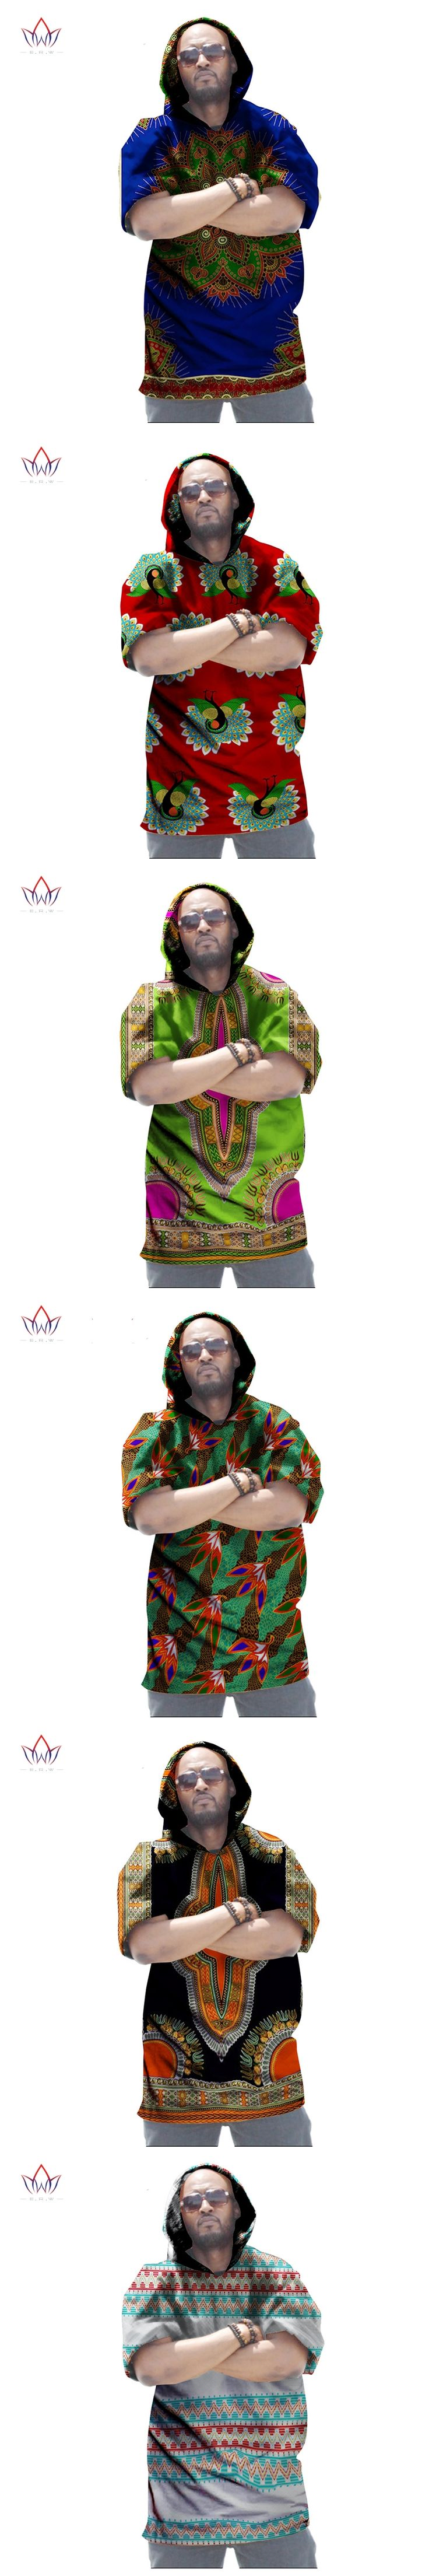 African Print Dashiki for Men Plus Size African Clothing T-shirt Half Sleeve Men Clothing Dashiki Shirt Plus Size 6XL WYN214